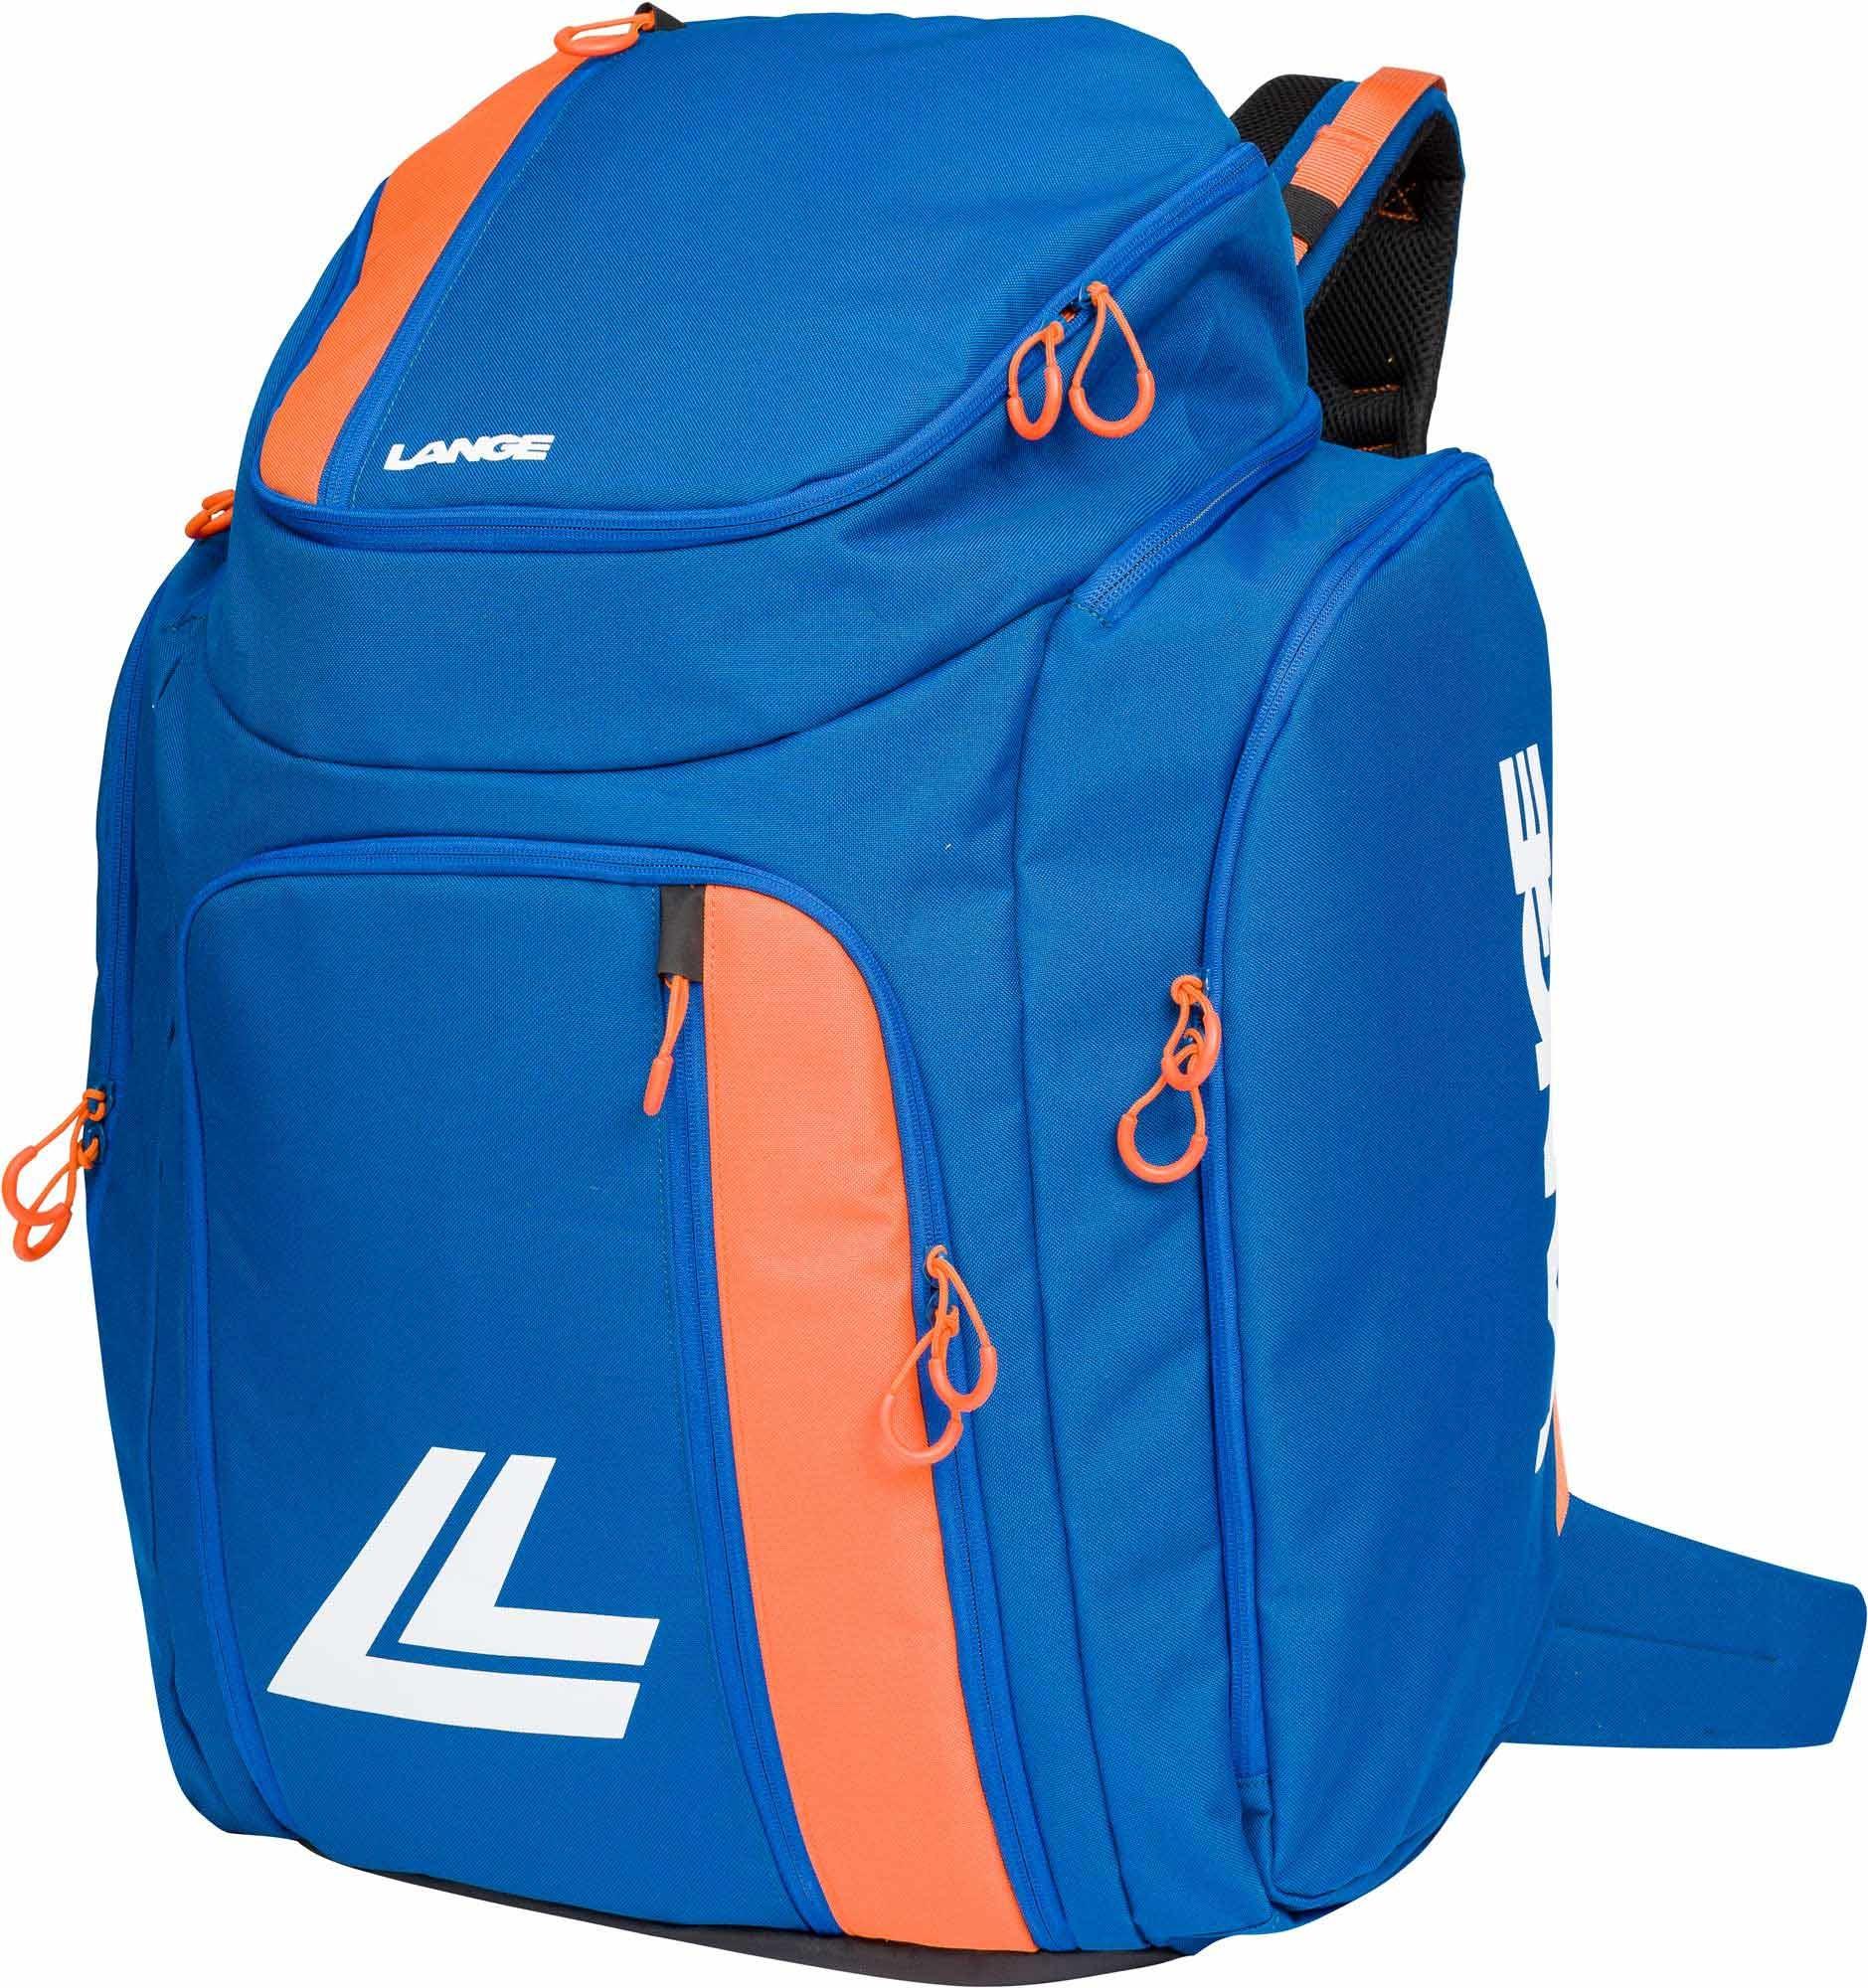 Lange Racer Bag-1